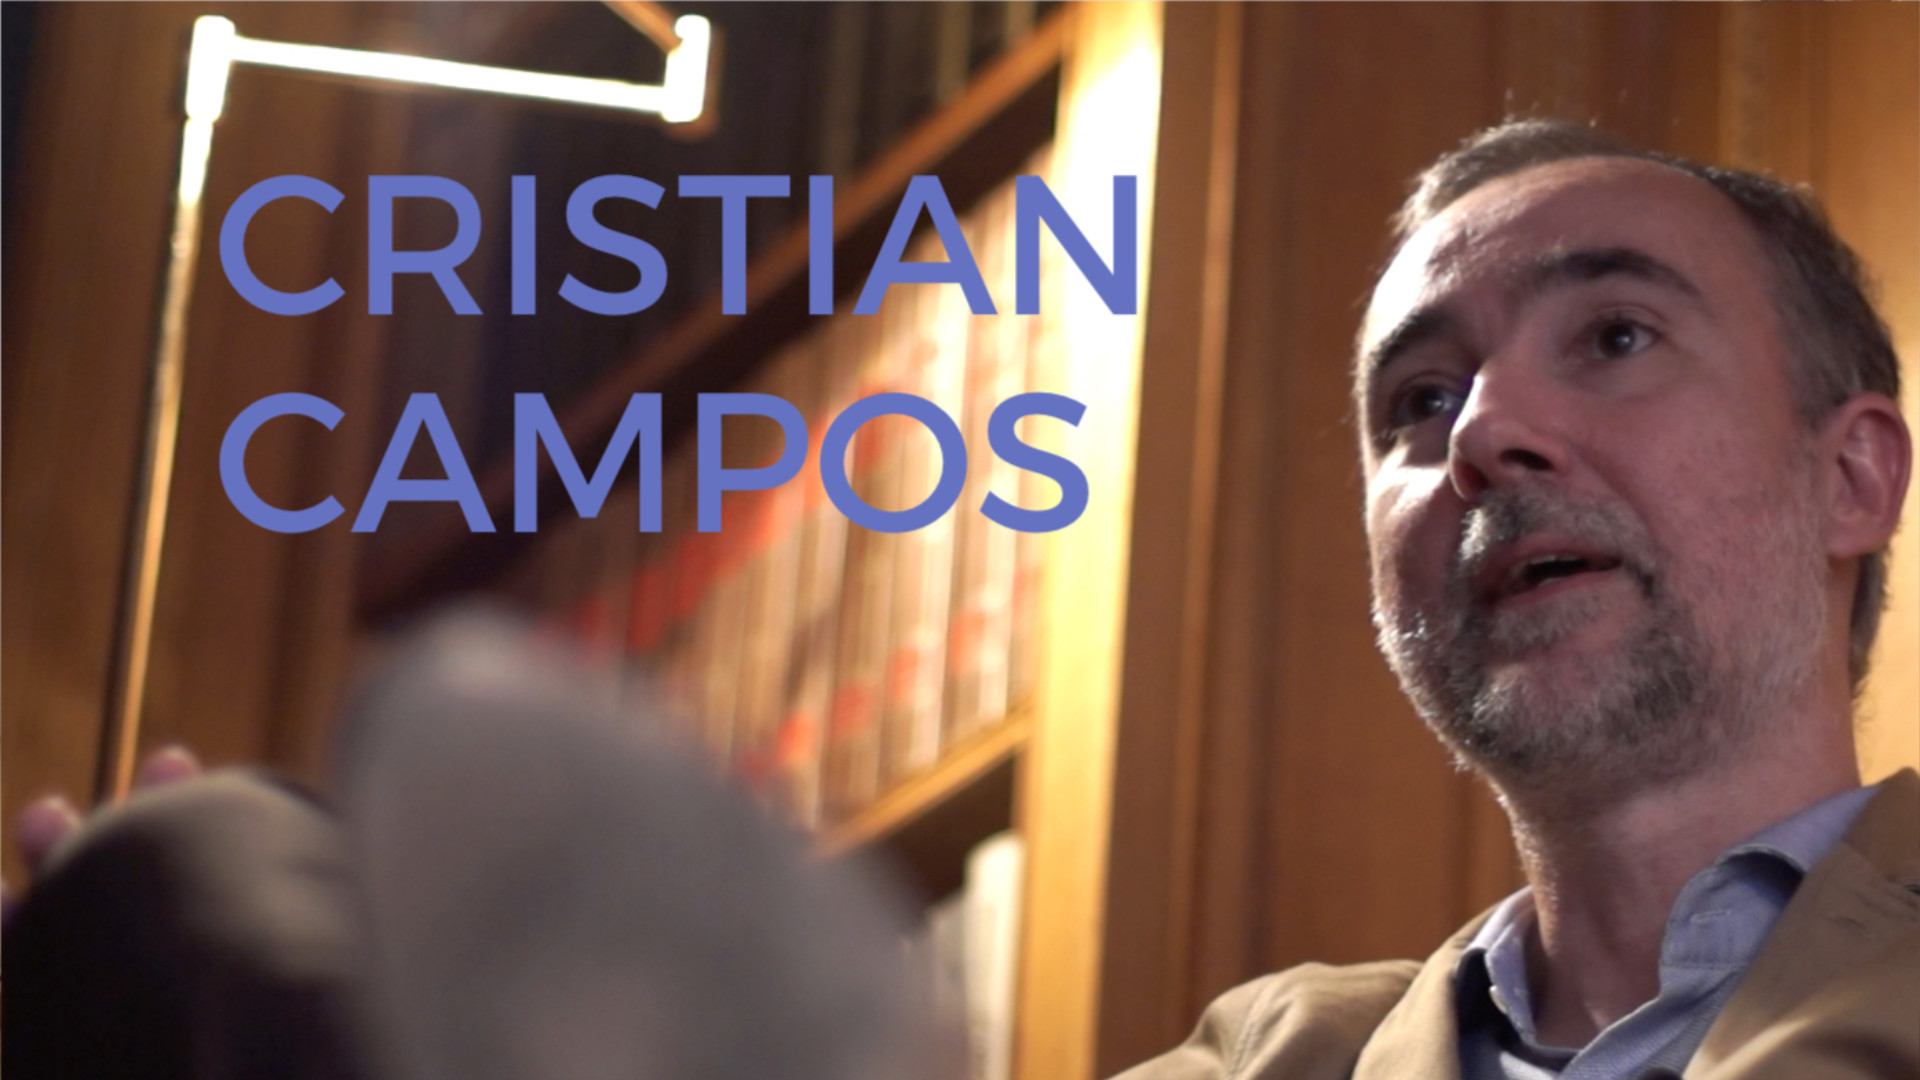 """Cristian Campos: """"La izquierda ha muerto porque ha logrado todos sus objetivos"""""""